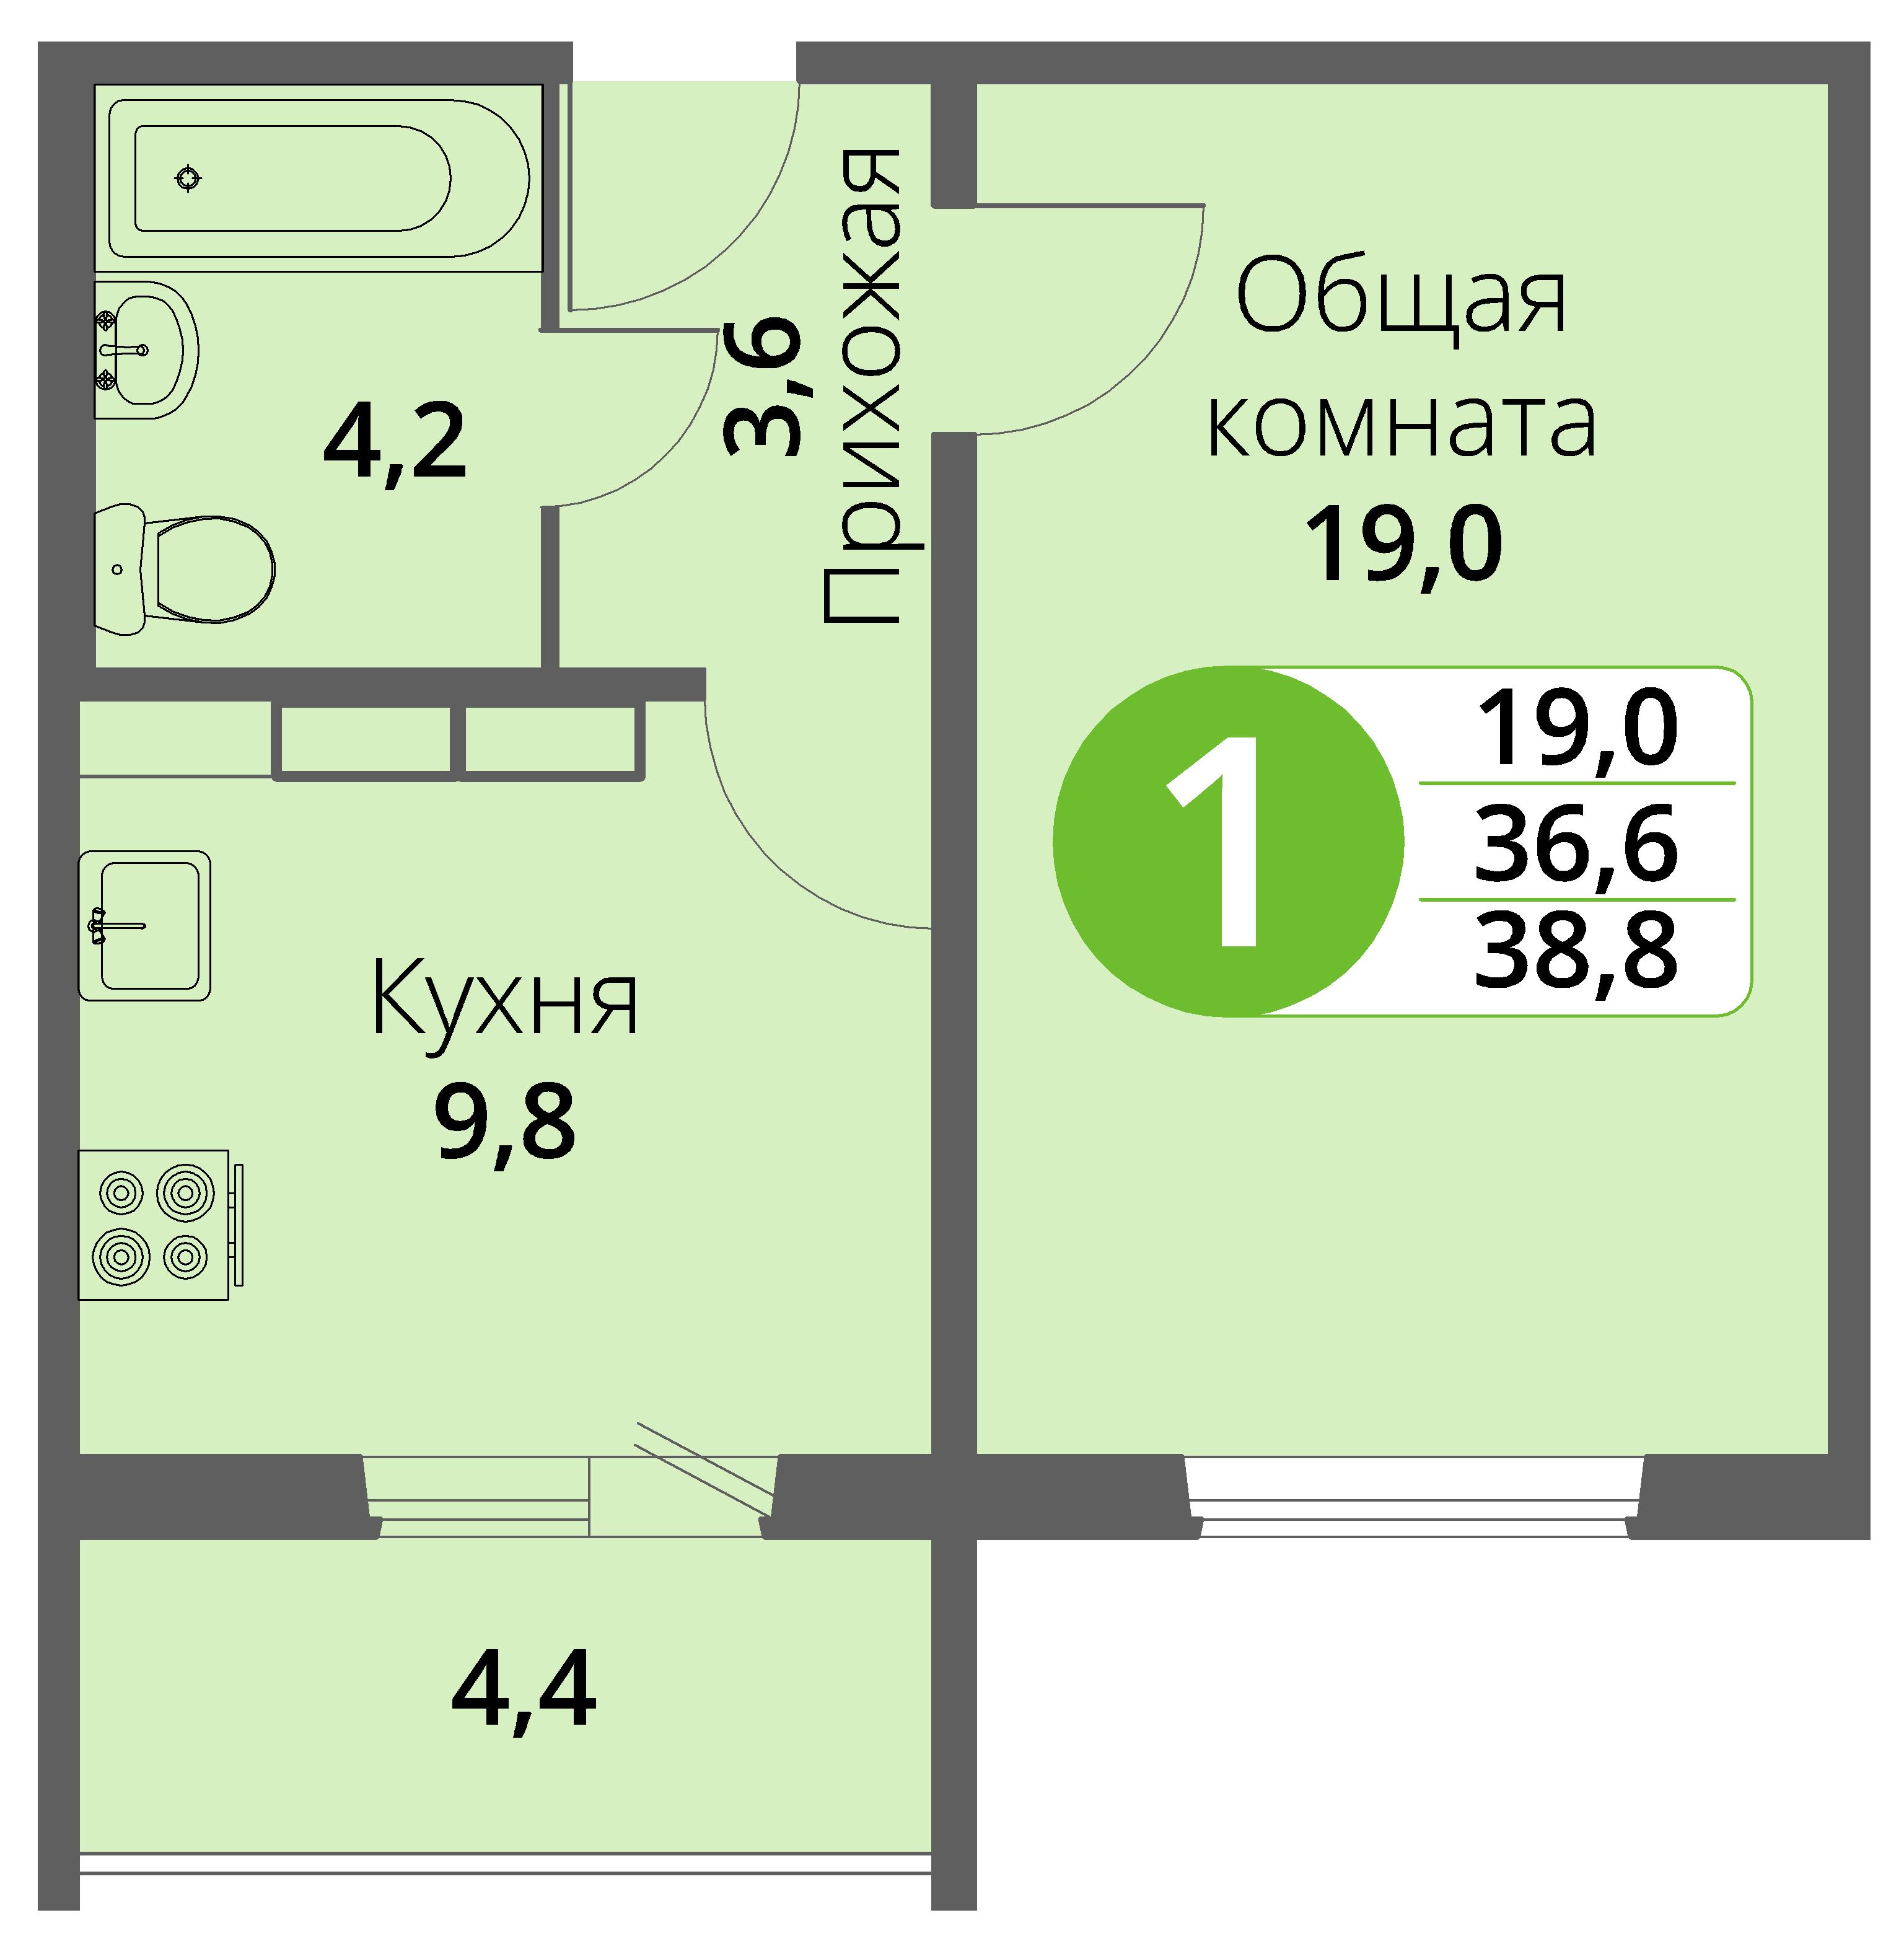 Зареченская 1-2, квартира 117 - Однокомнатная